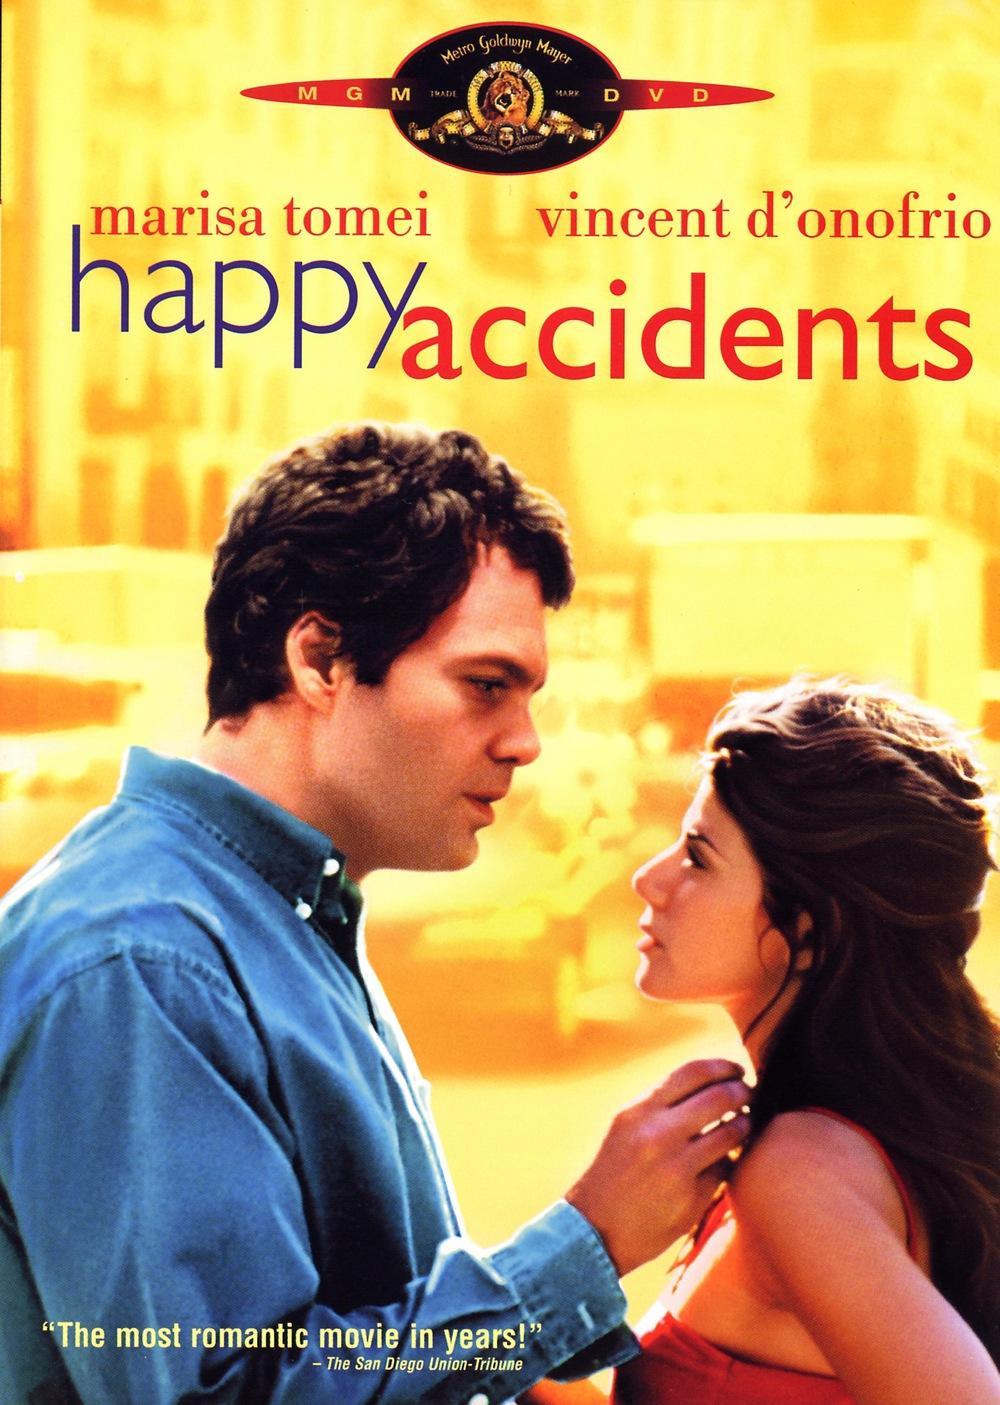 Happy-Accidents-64abeb53.jpg